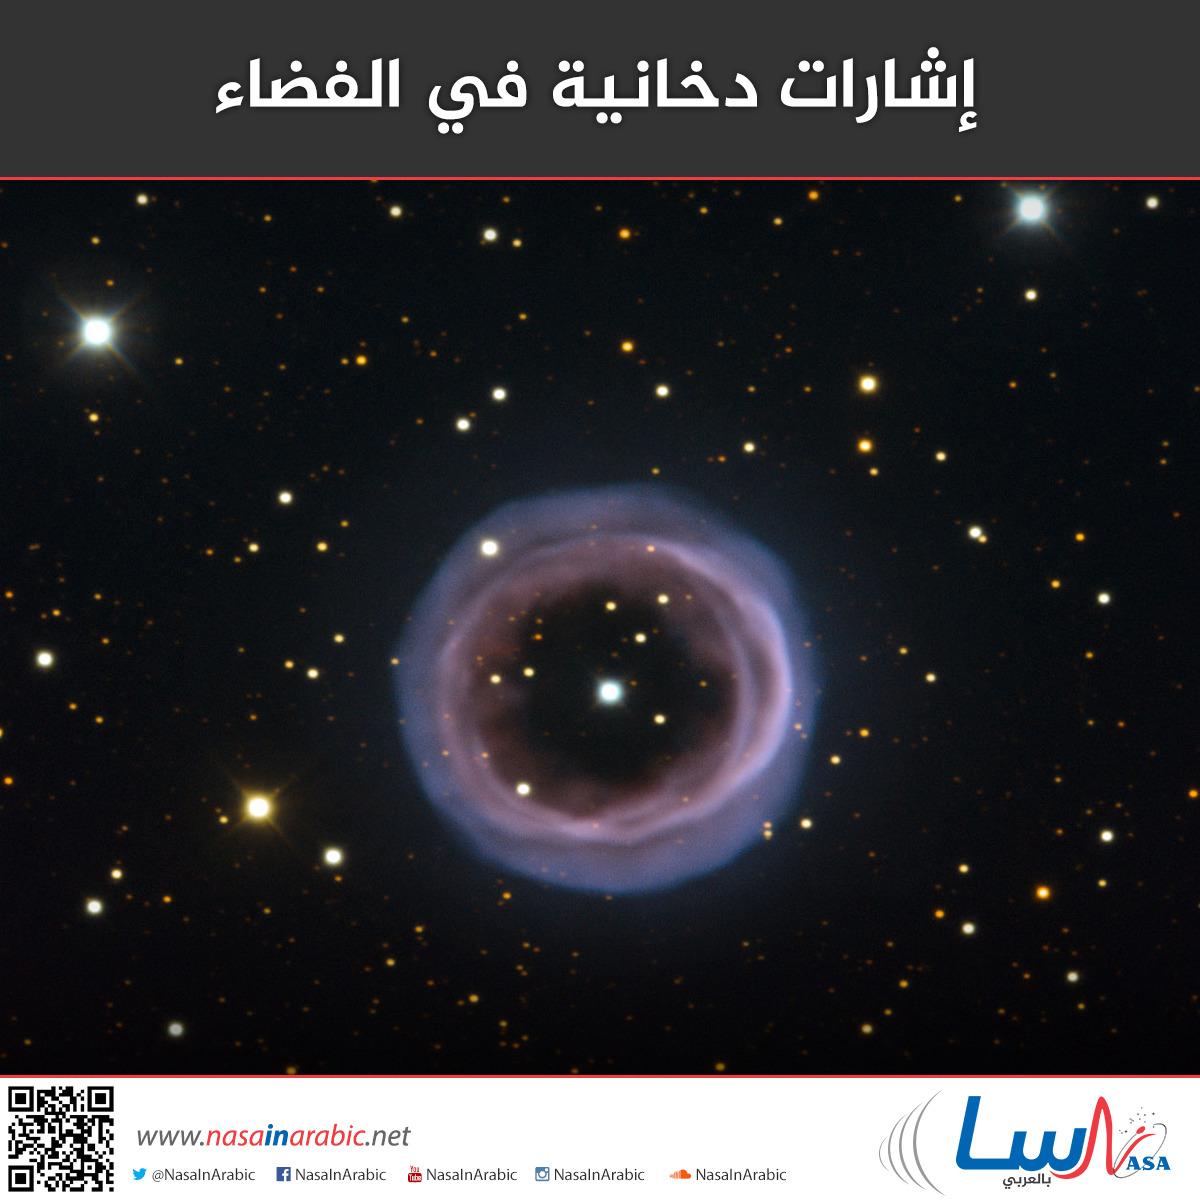 إشارات دخانية في الفضاء